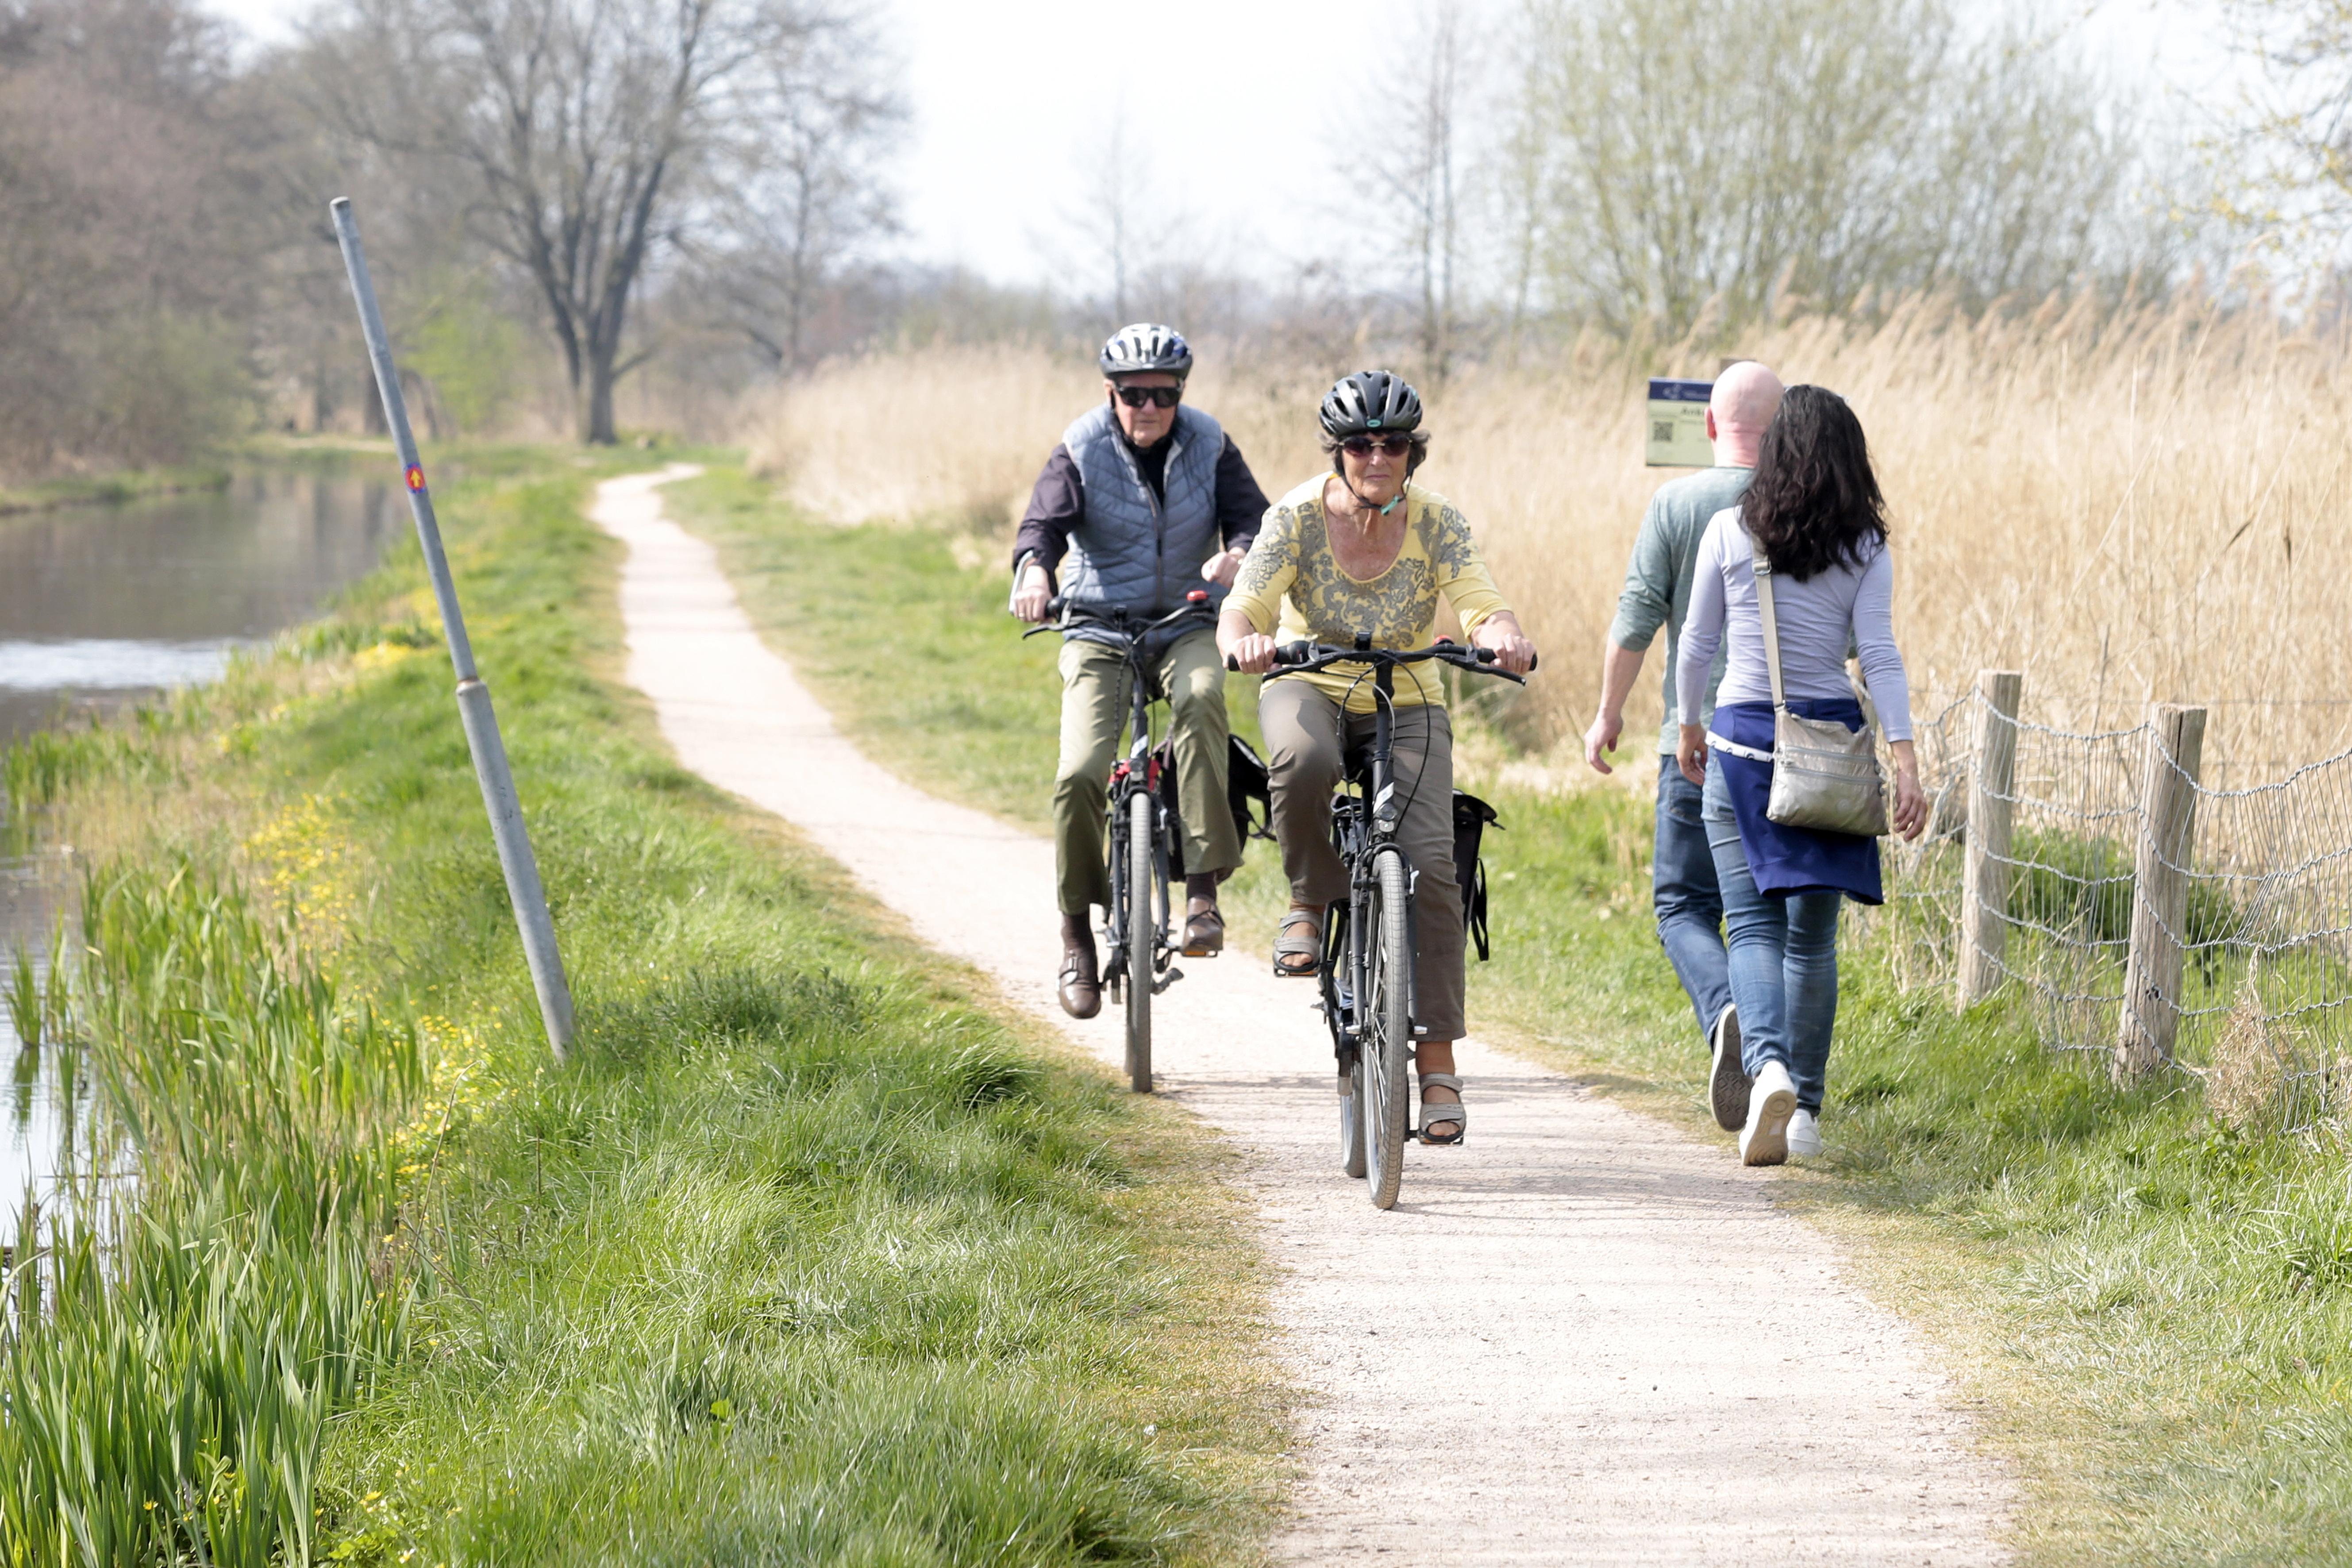 Ergernis over drukte op smalste natuurpad in de regio, gemeente Wijdemeren grijpt met Pasen in